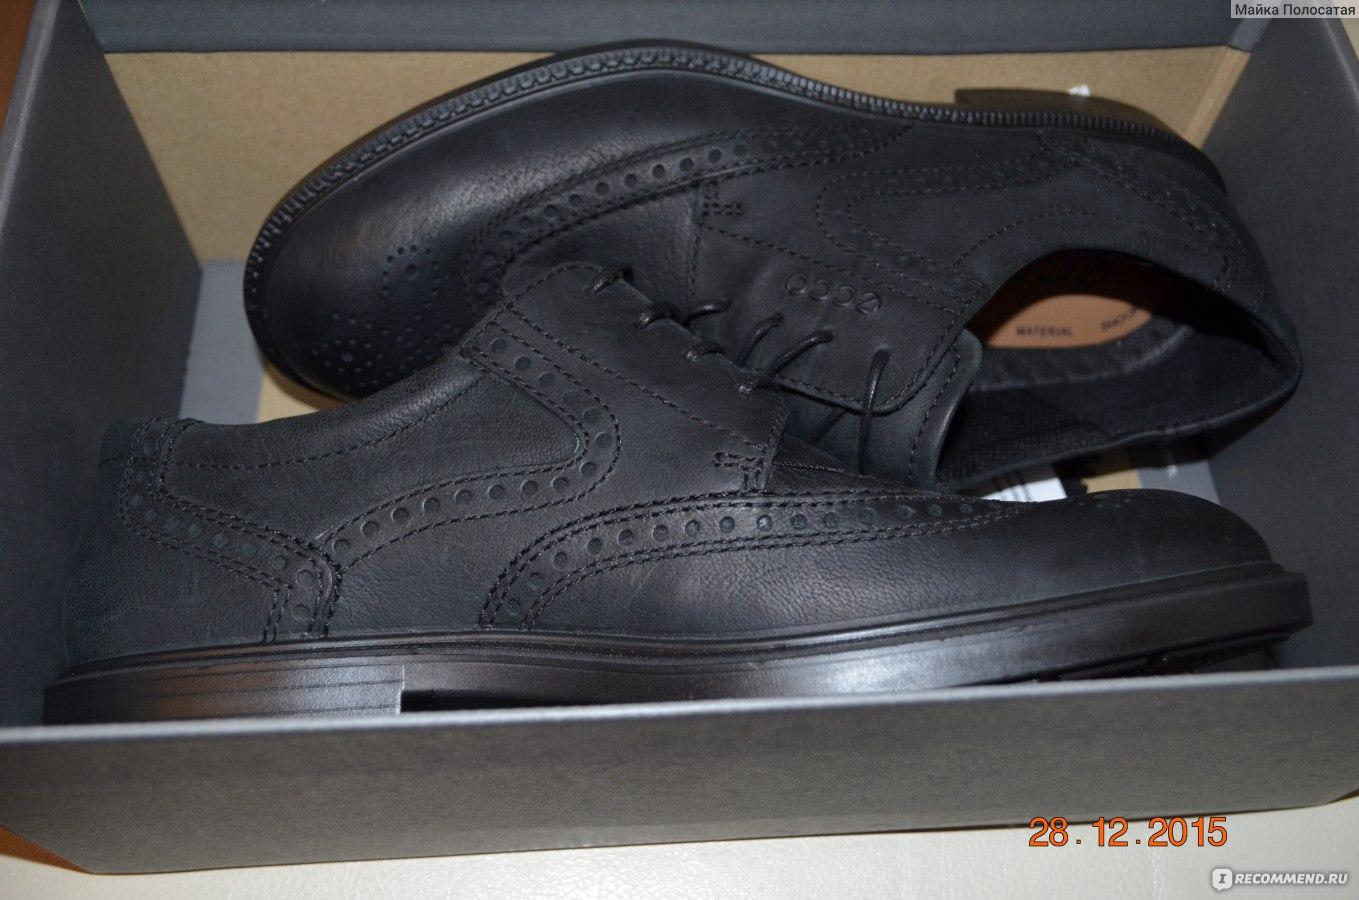 Экко: осторожно! магазины обуви ECCO ЭККО - Страница 12 - Главный